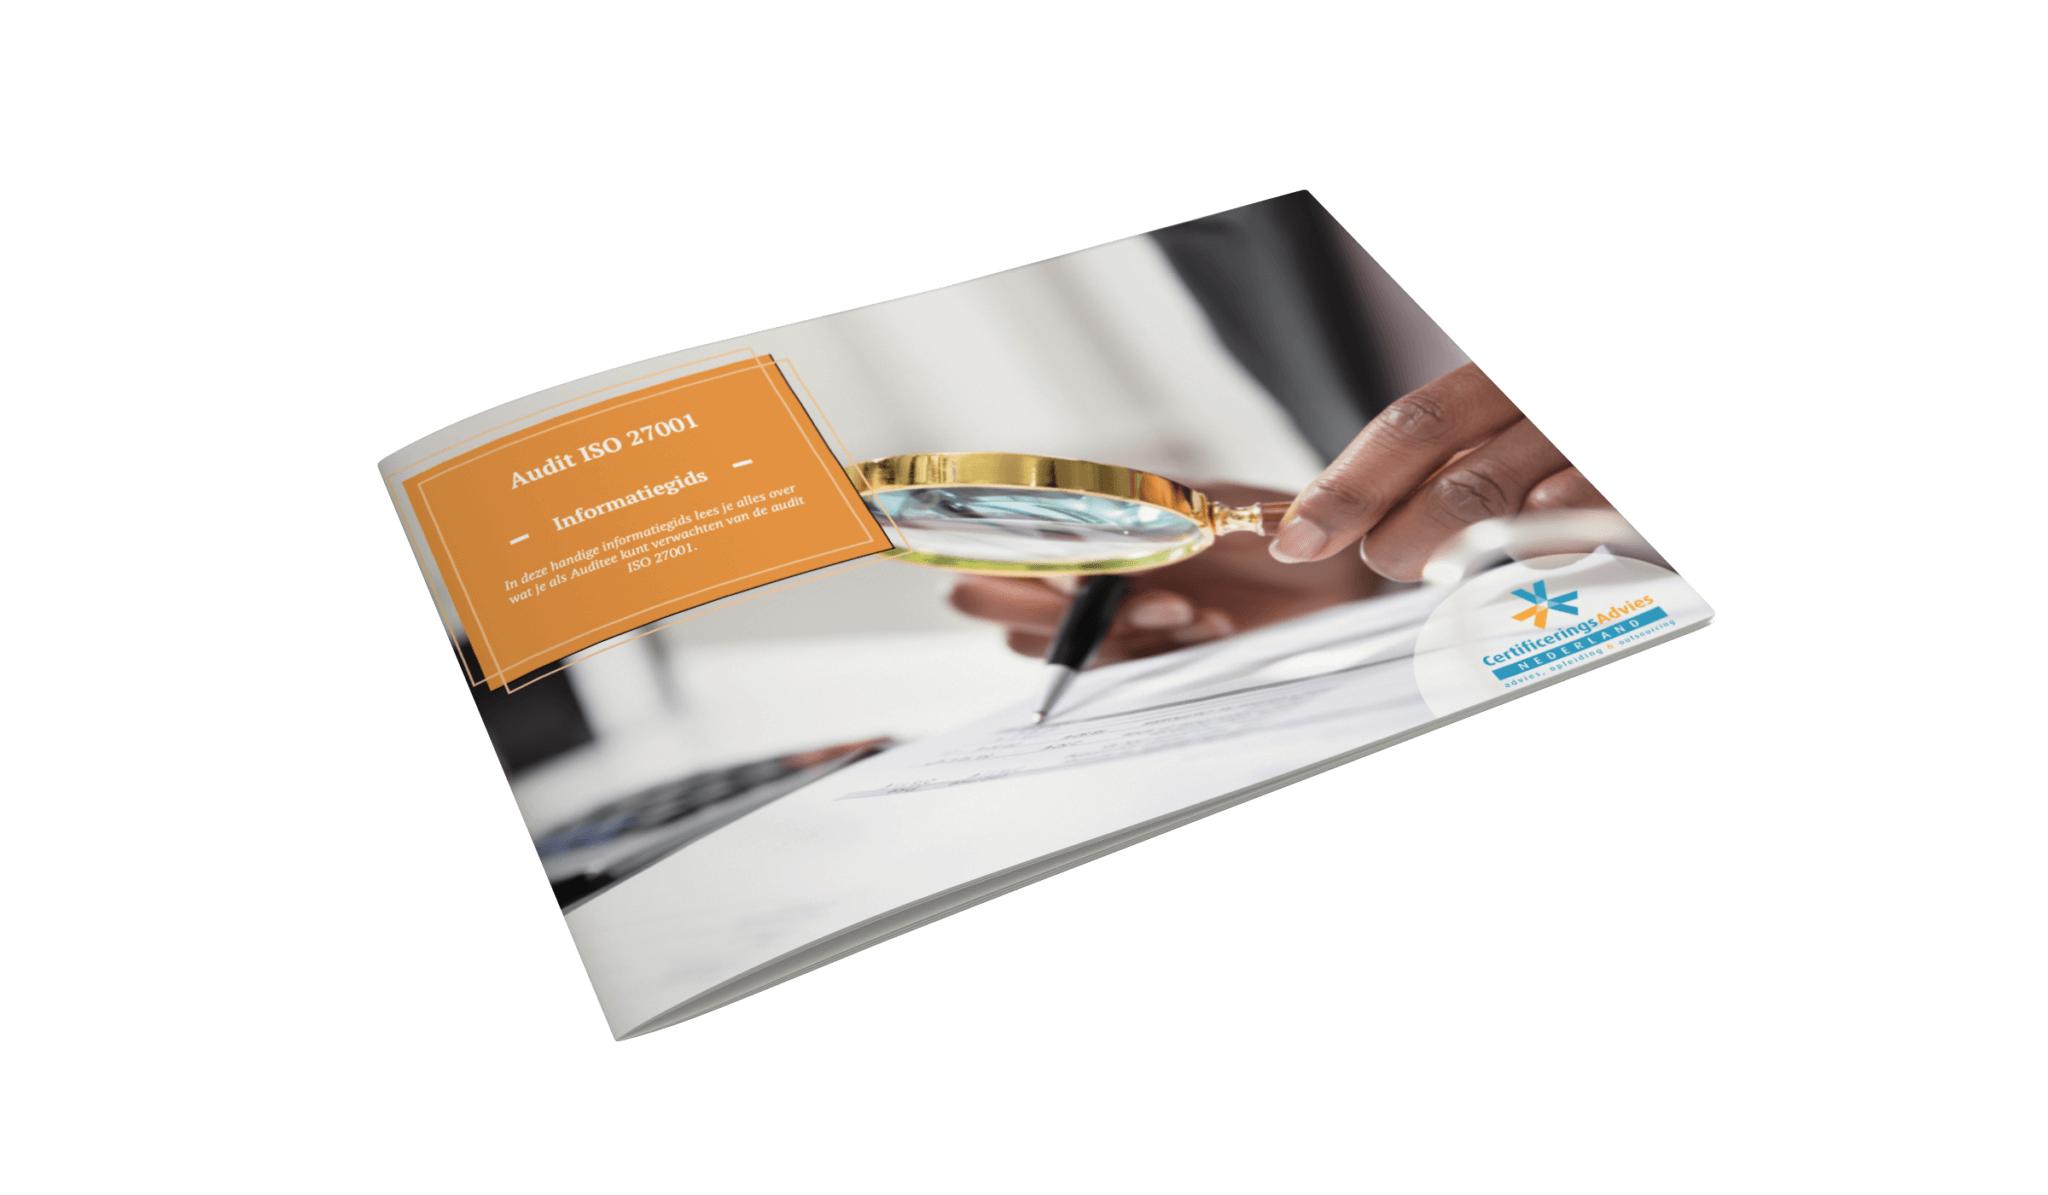 Mockup audit gids ISO 27001